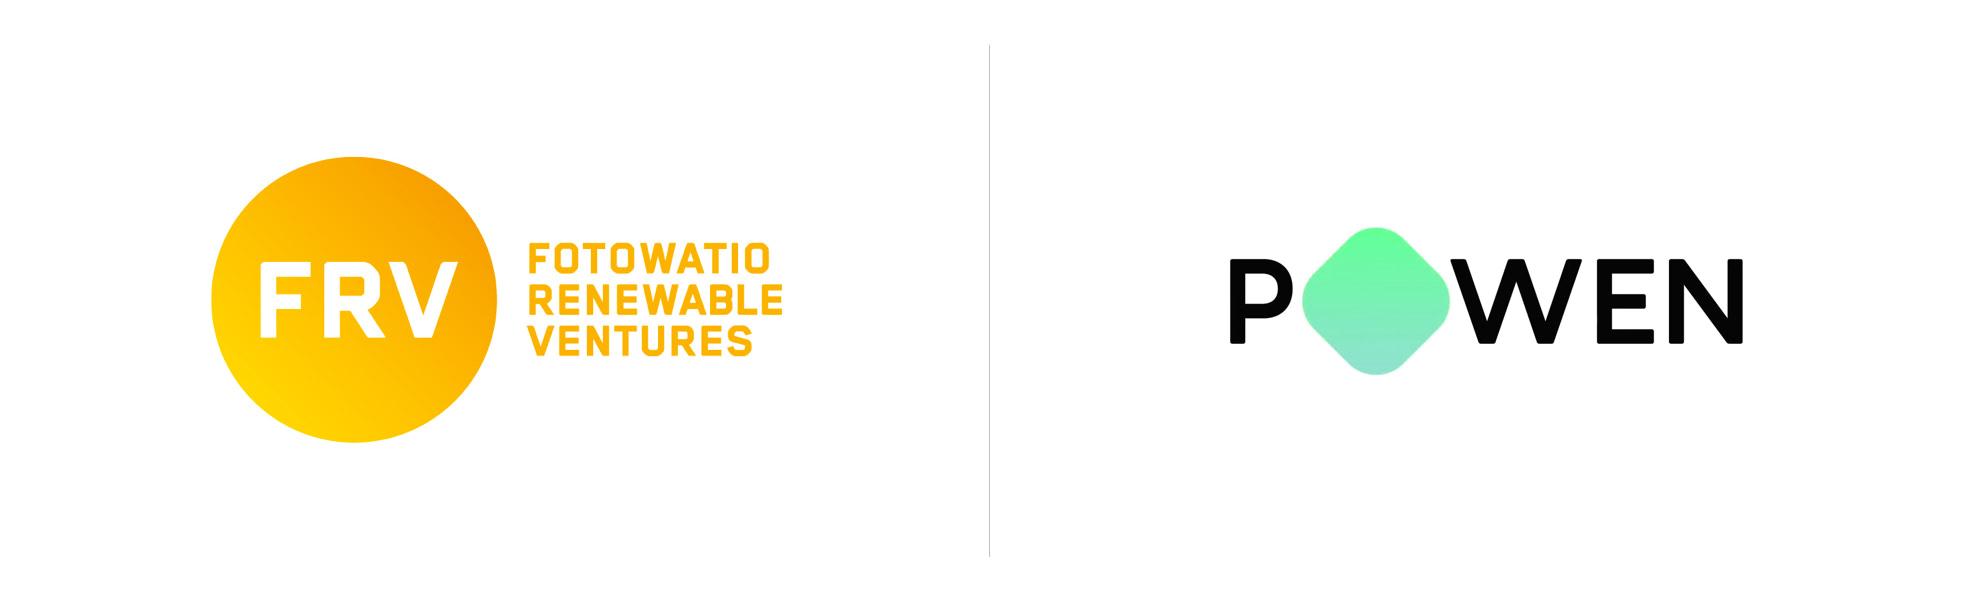 nowe logo firmy powen